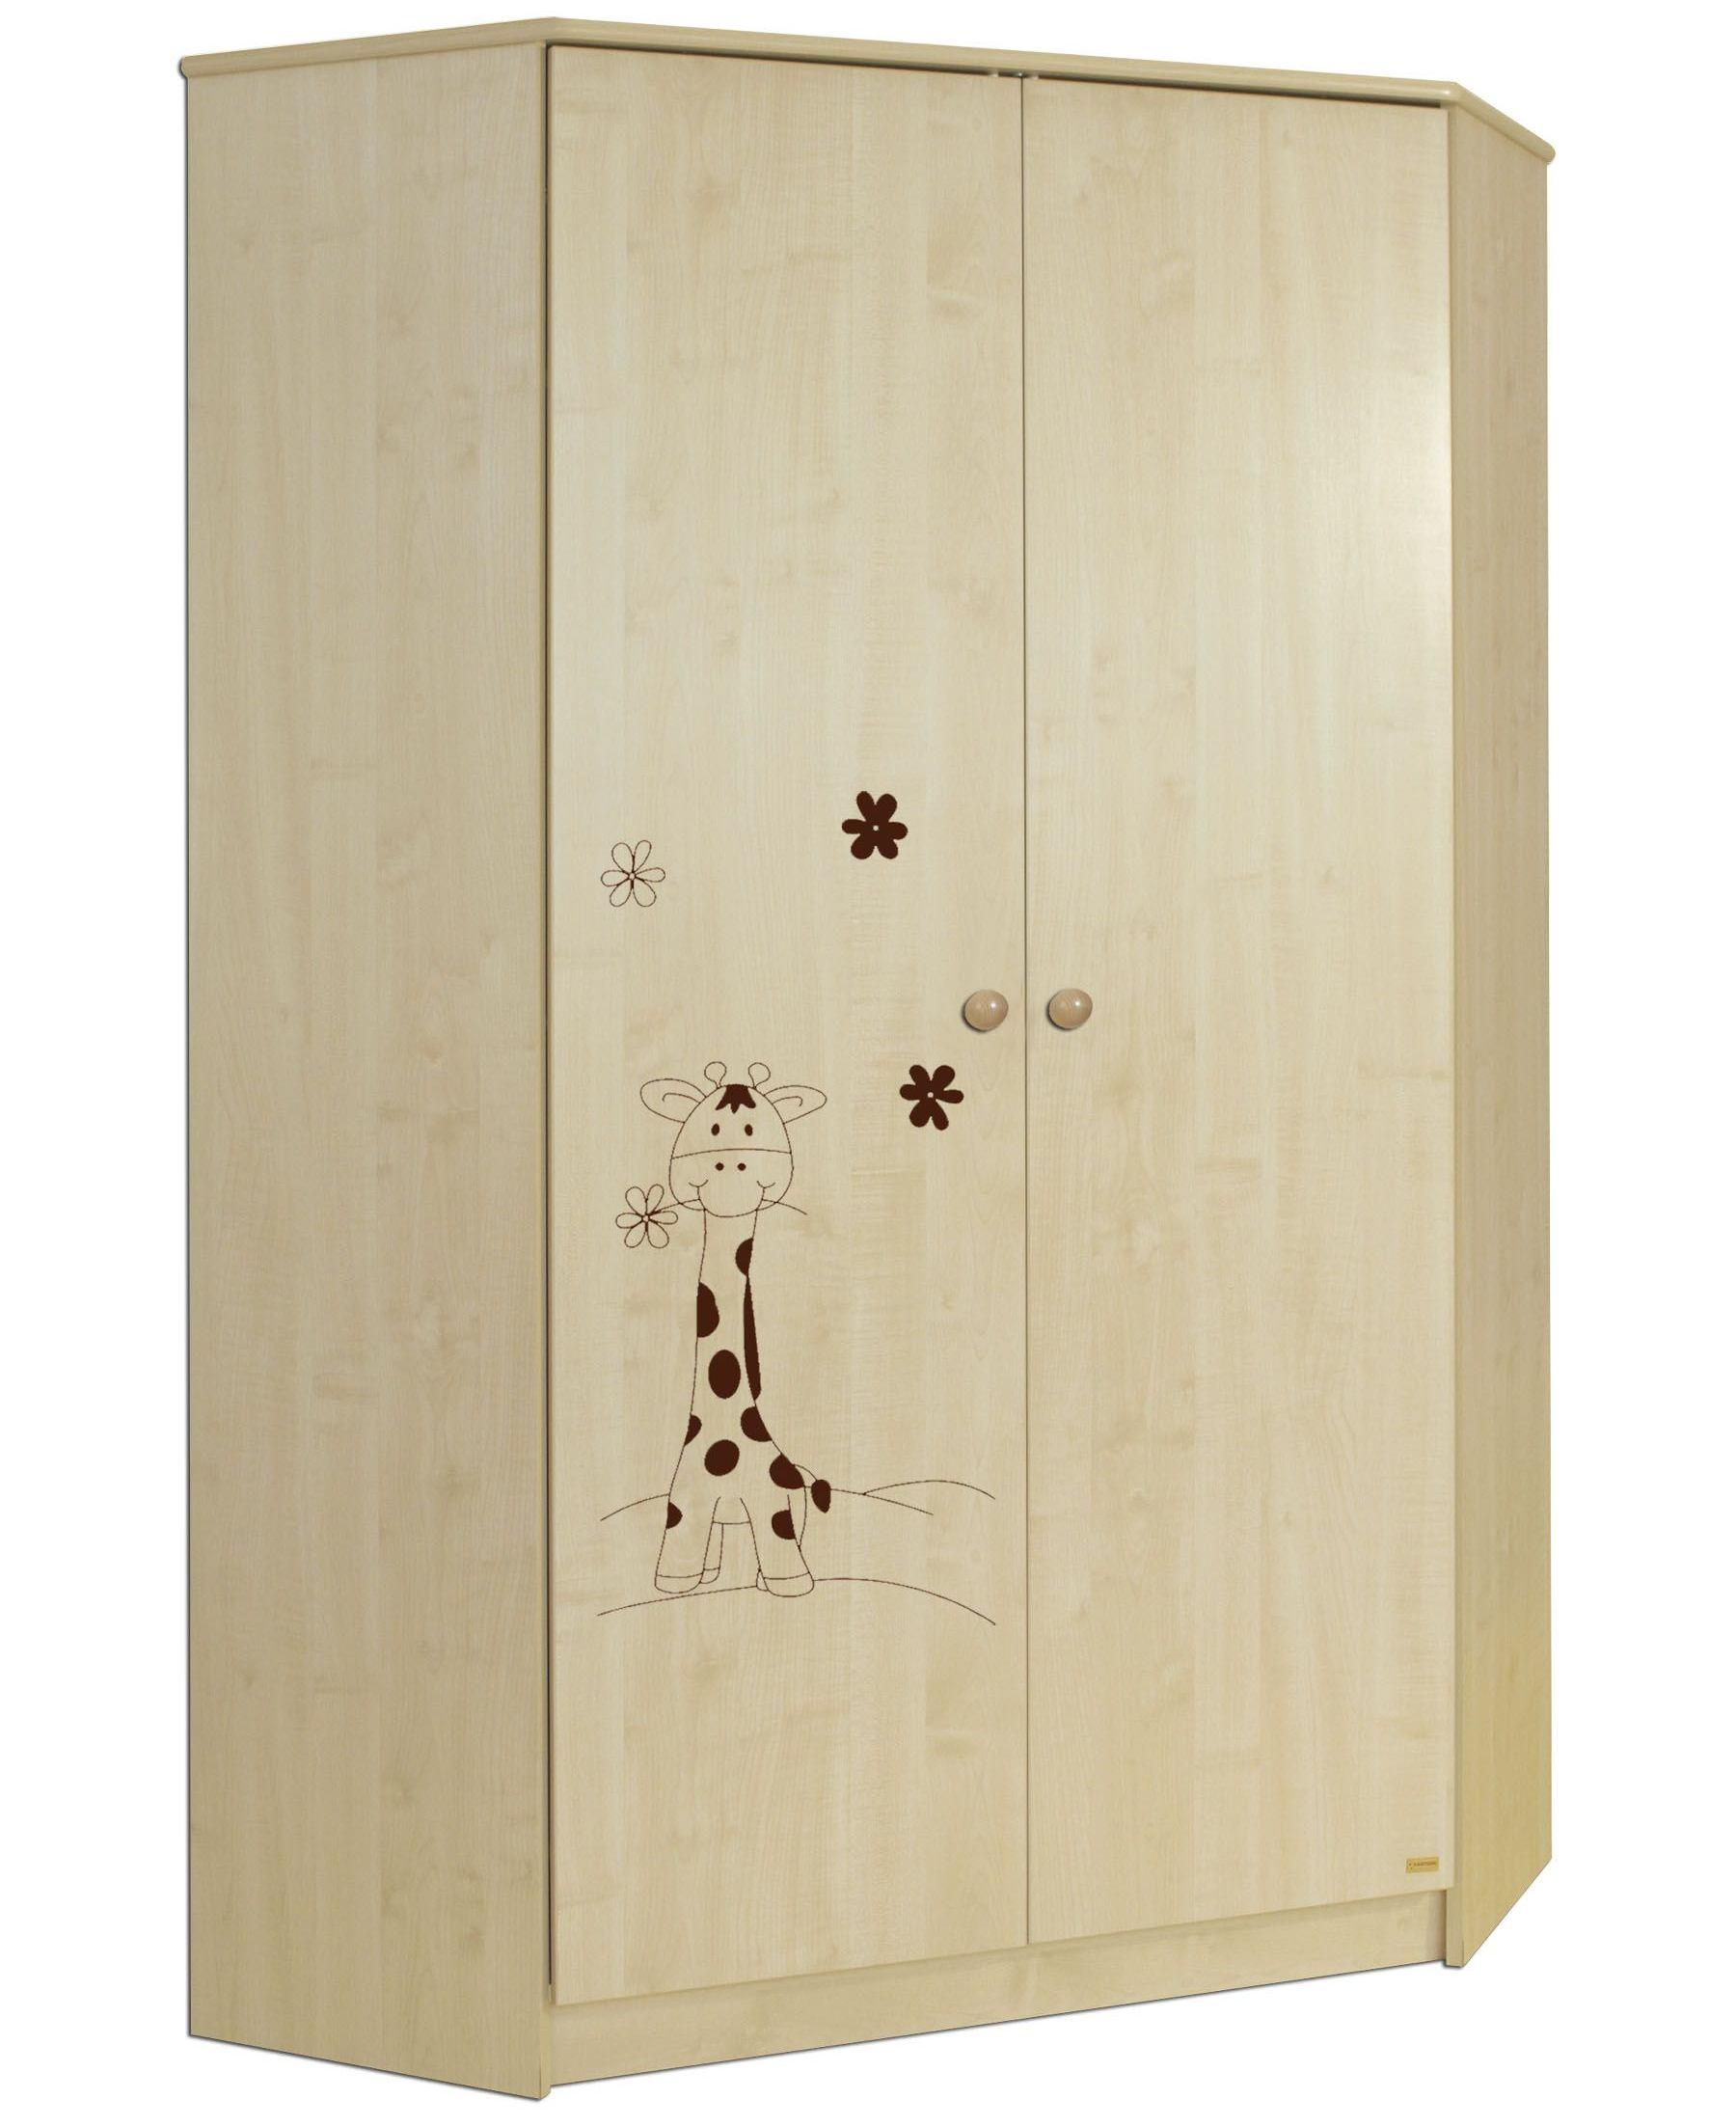 Rohová šatní skříň Faktum MIA Javor/motiv Žirafa